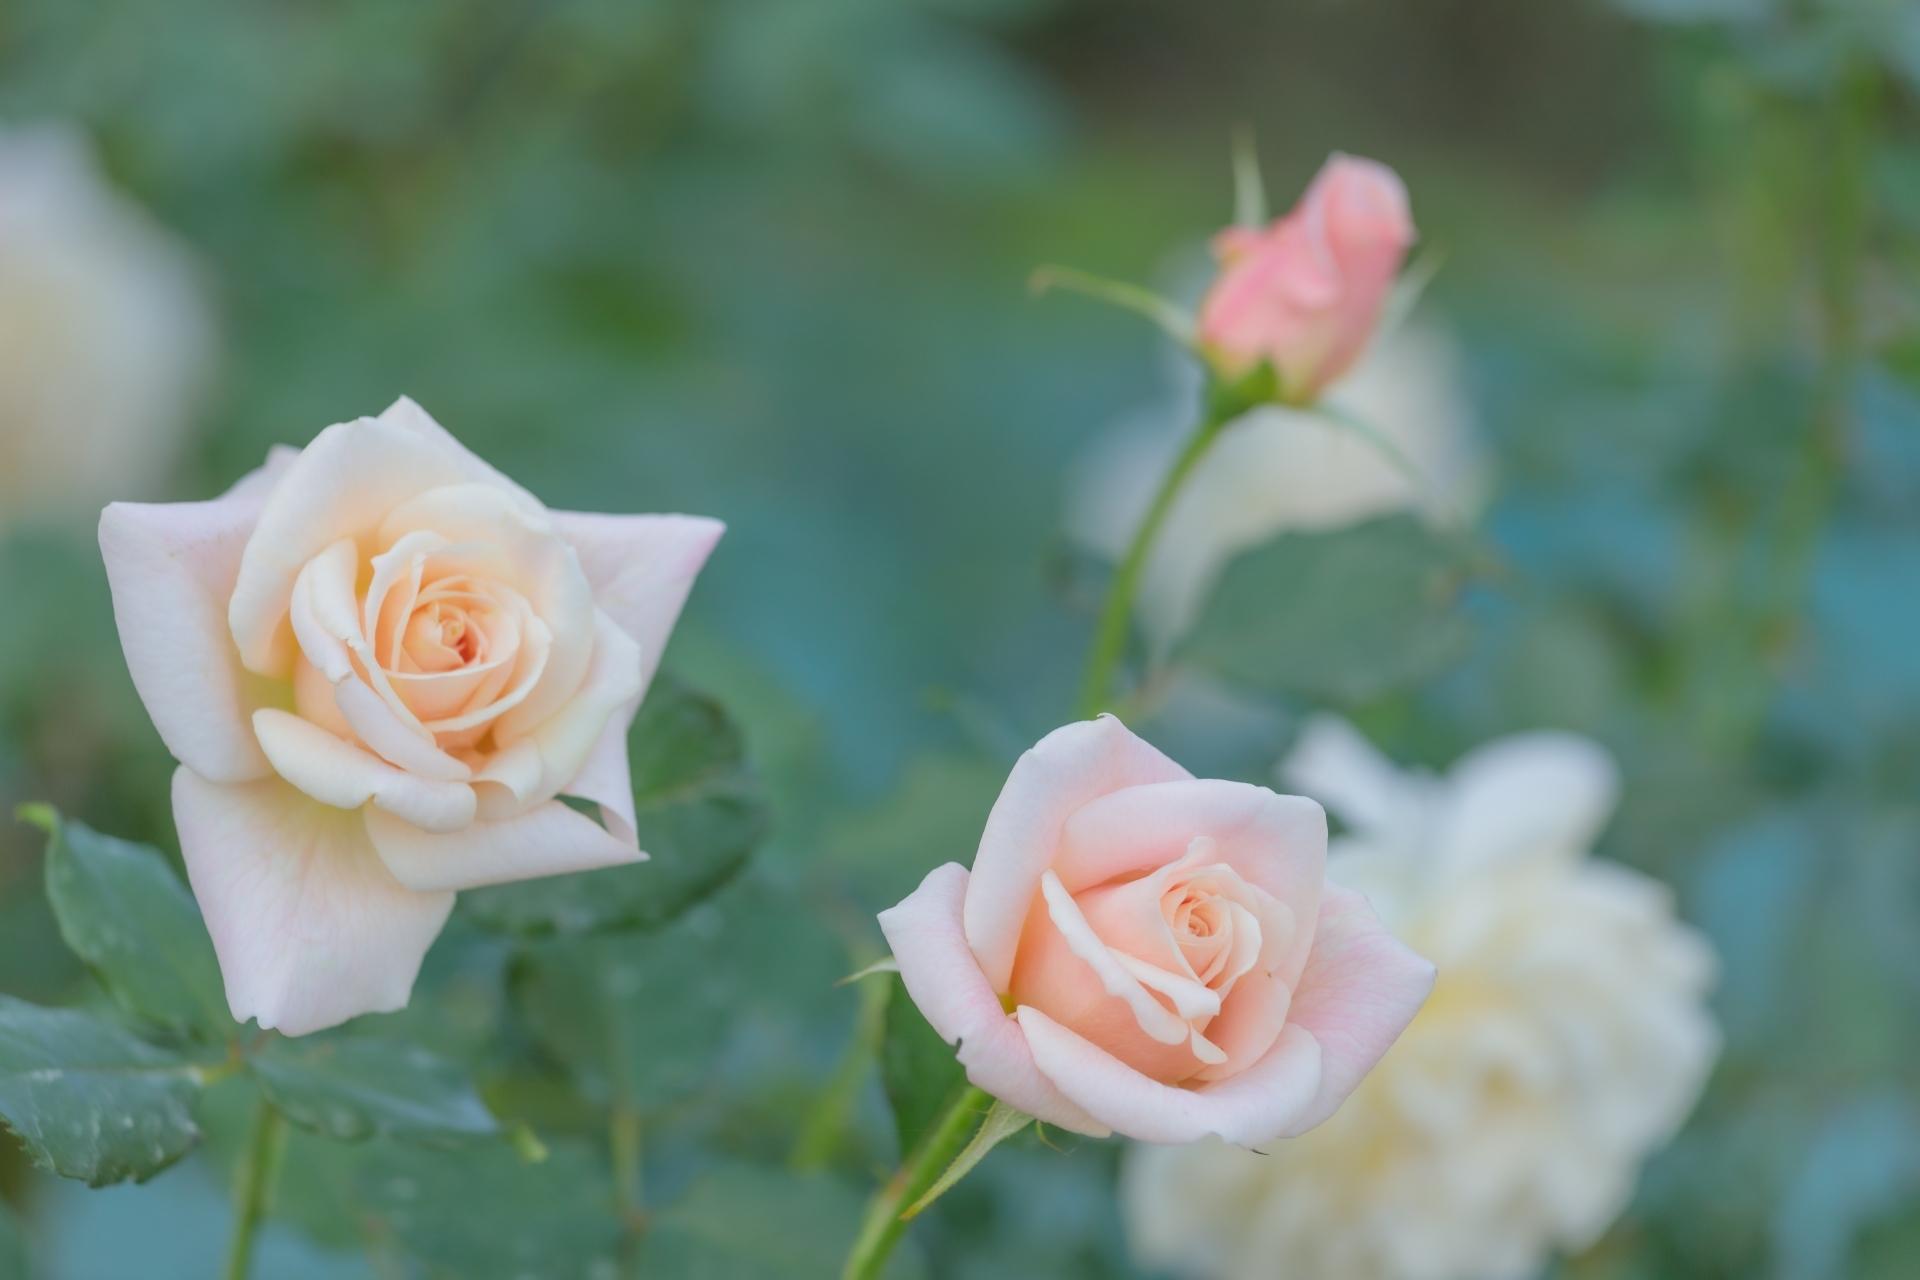 バラの香りに種類はある?7つの系統(タイプ)とその代表品種をご紹介!